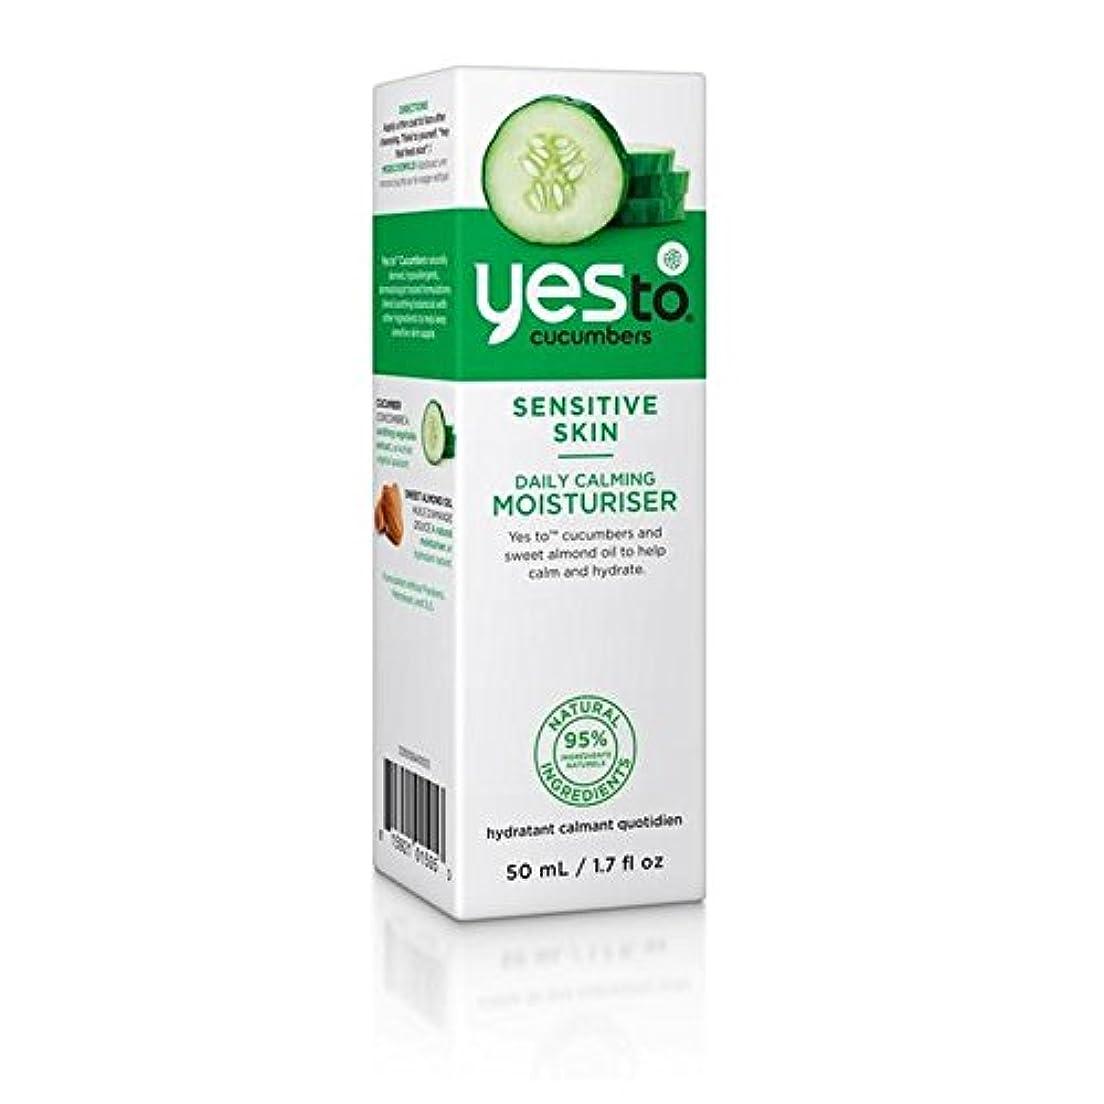 変色する技術ベッドはいキュウリ保湿50ミリリットルへ x4 - Yes to Cucumbers Moisturiser 50ml (Pack of 4) [並行輸入品]